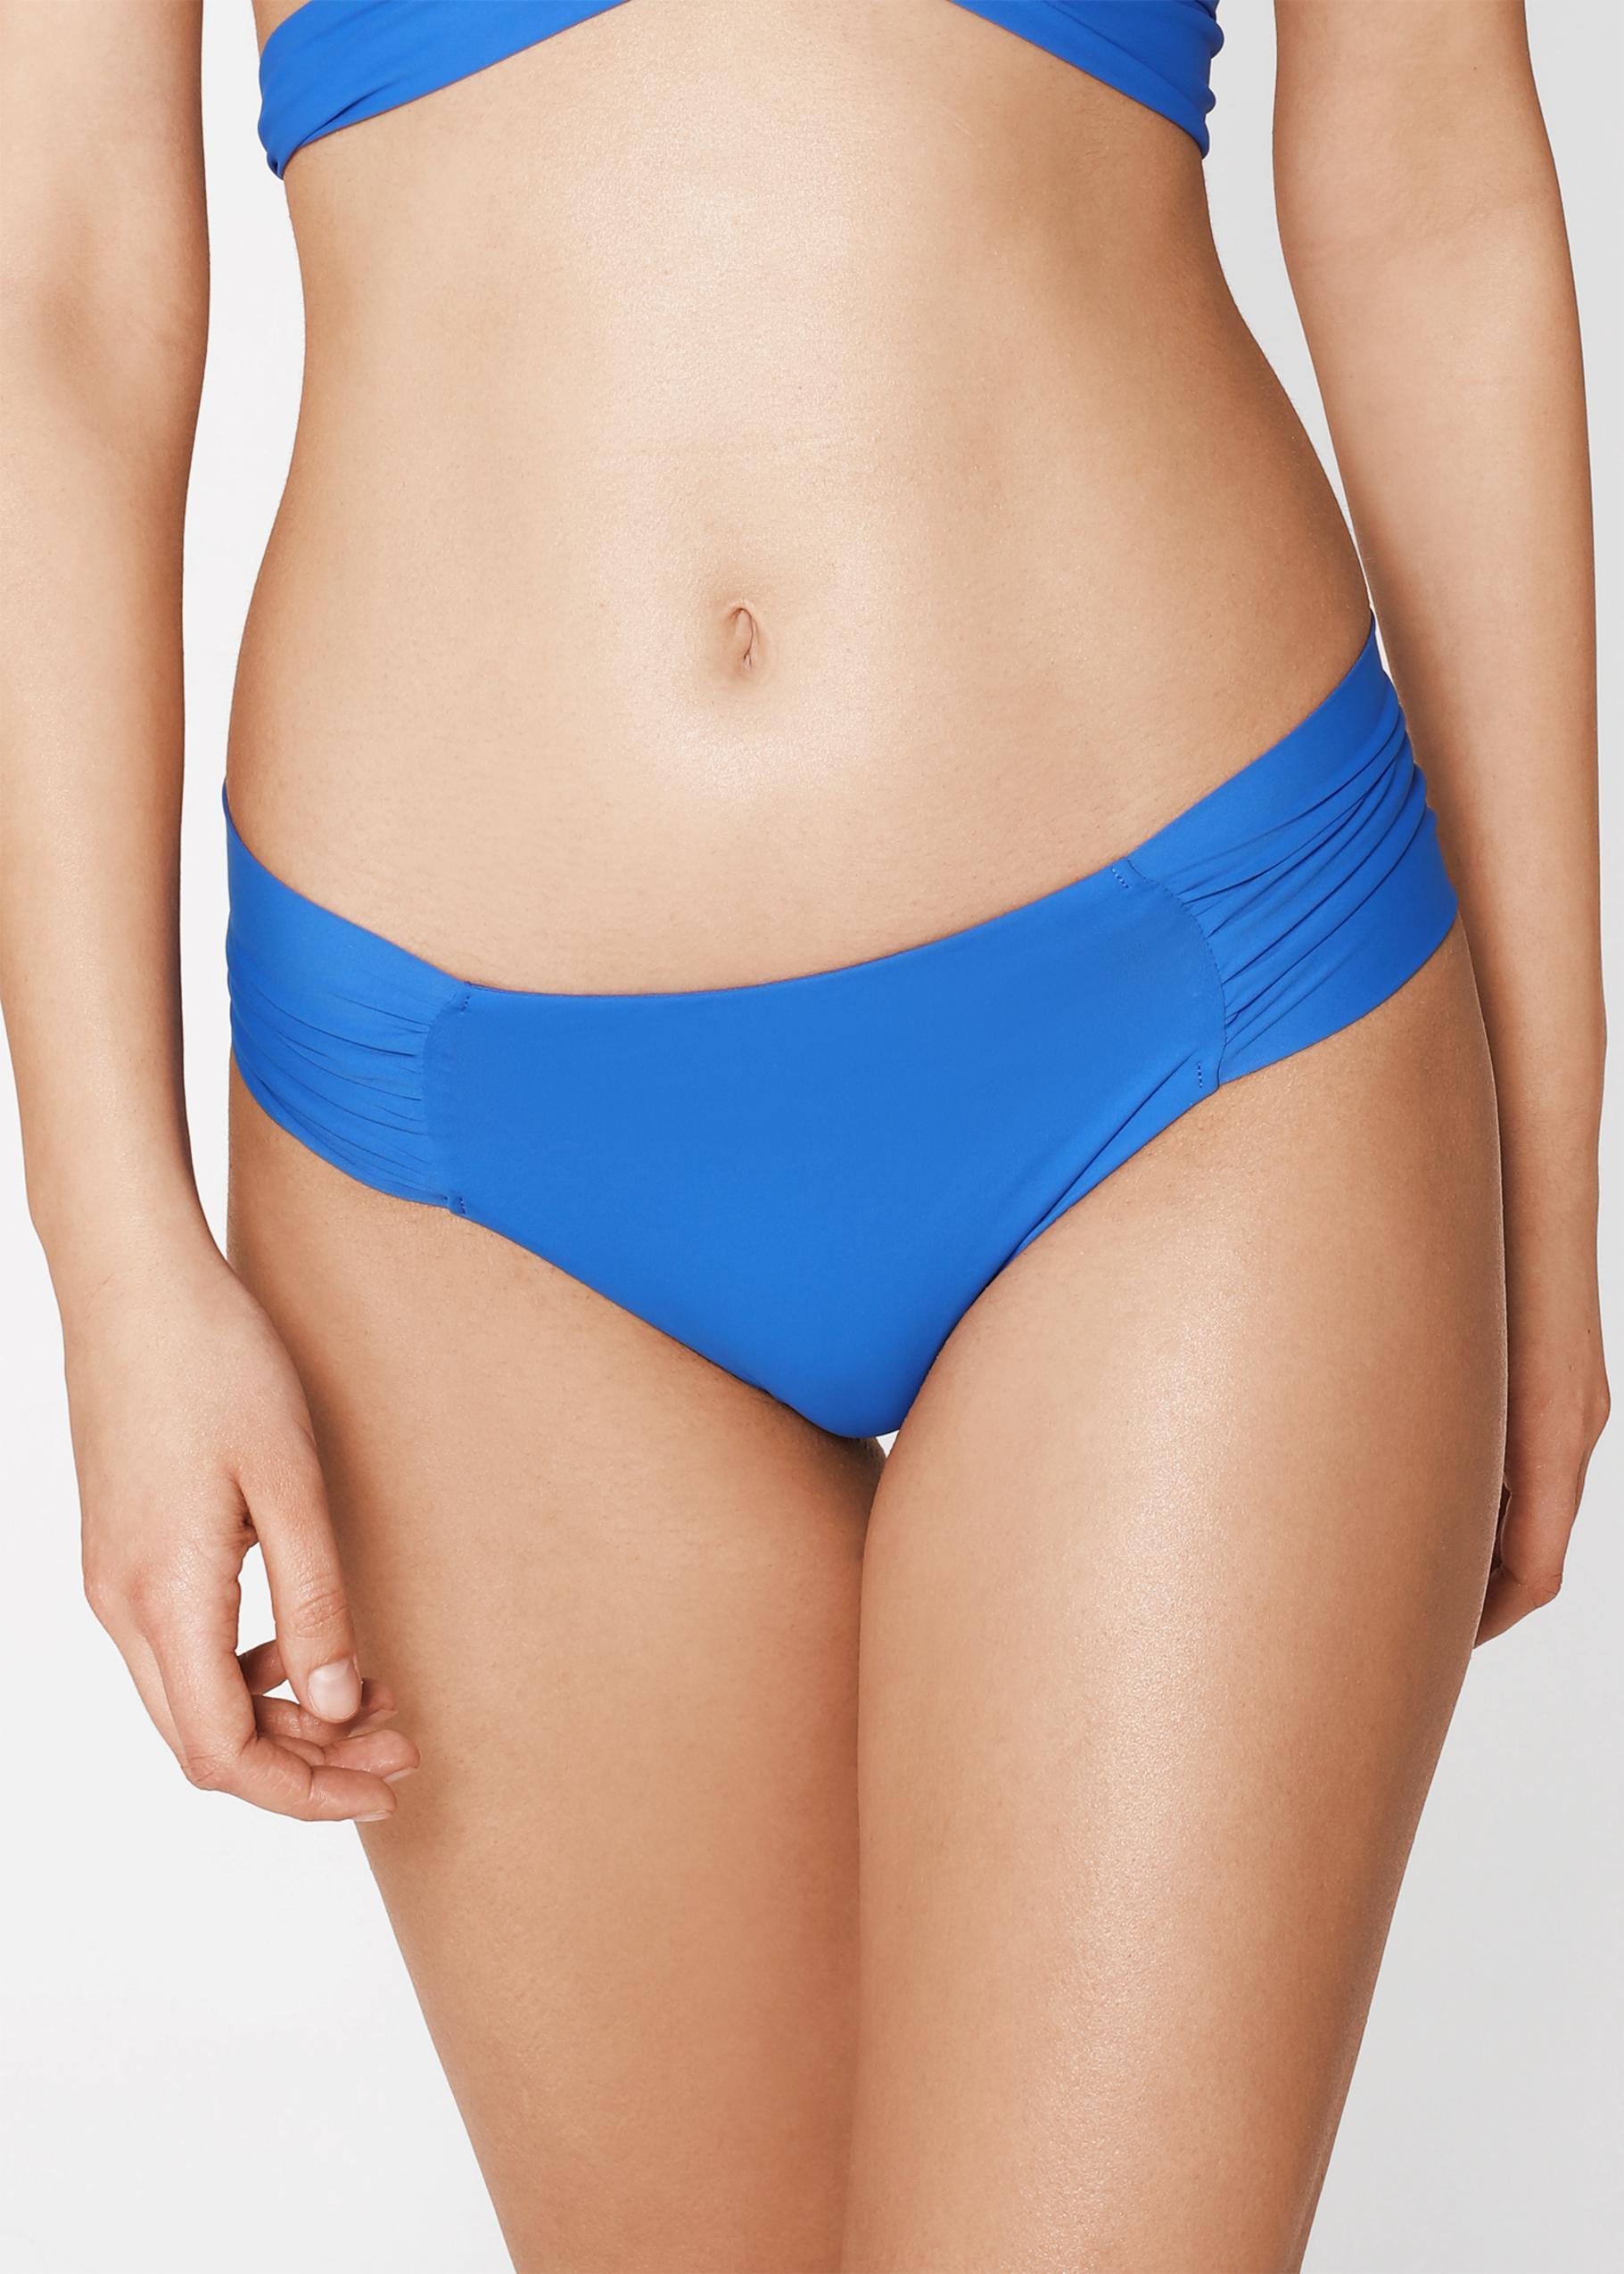 8439f425e600 Braguita de bikini de tiro alto indonesia